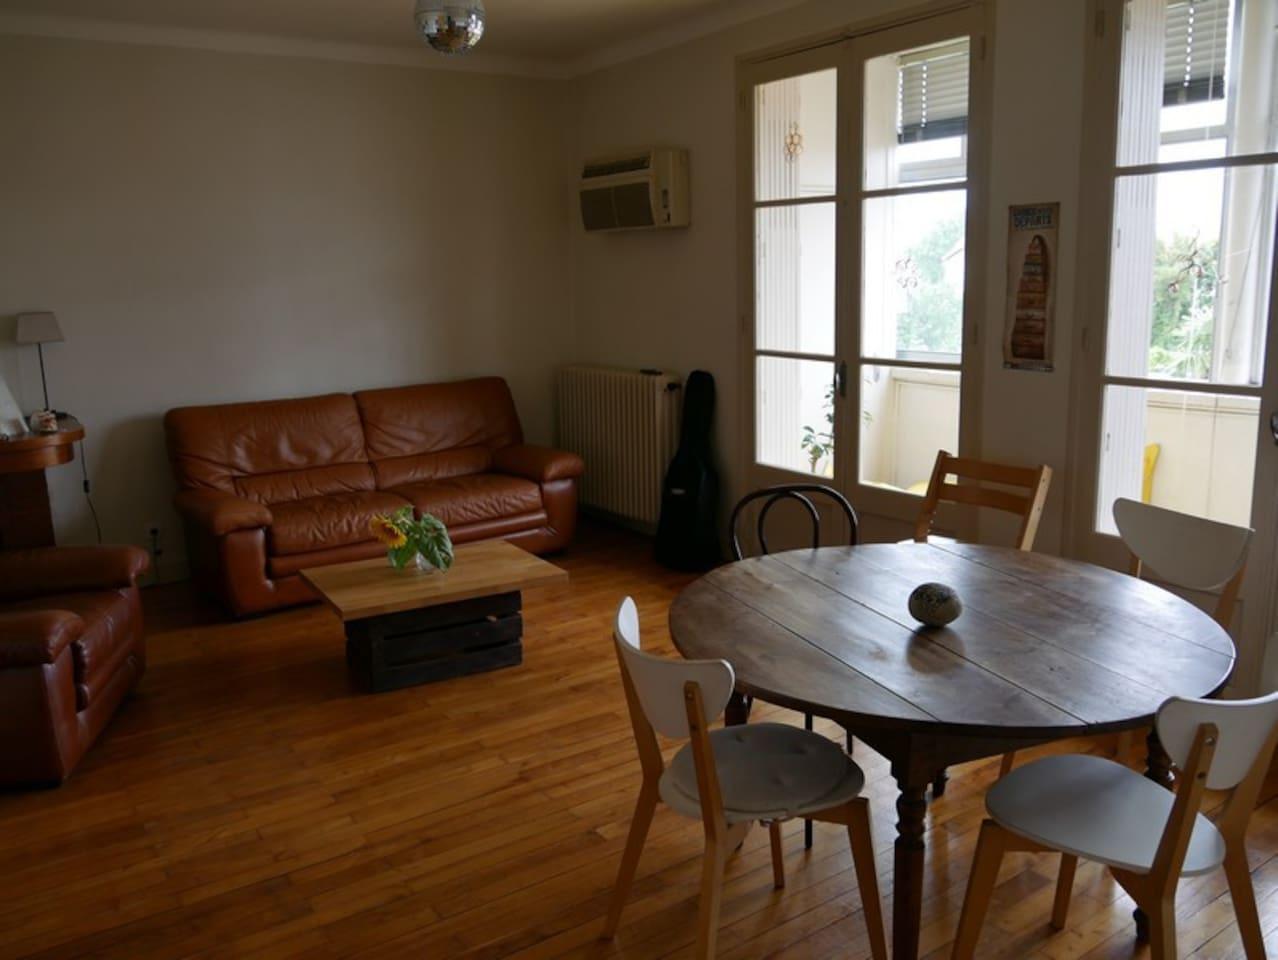 Salle de séjour et table 6 places (1 chaise enfant disponible)